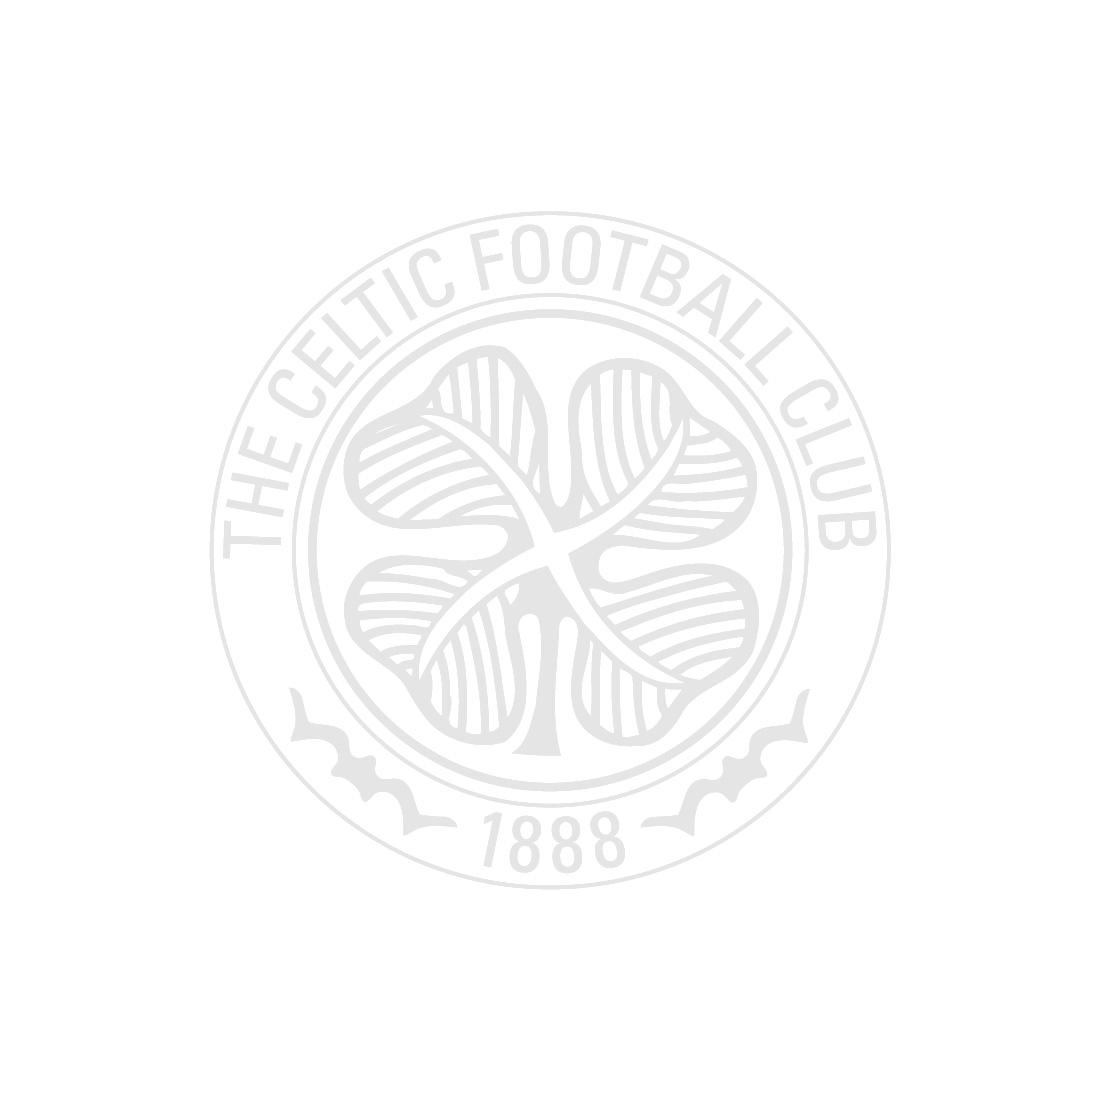 Celtic Double Treble Polo Shirt